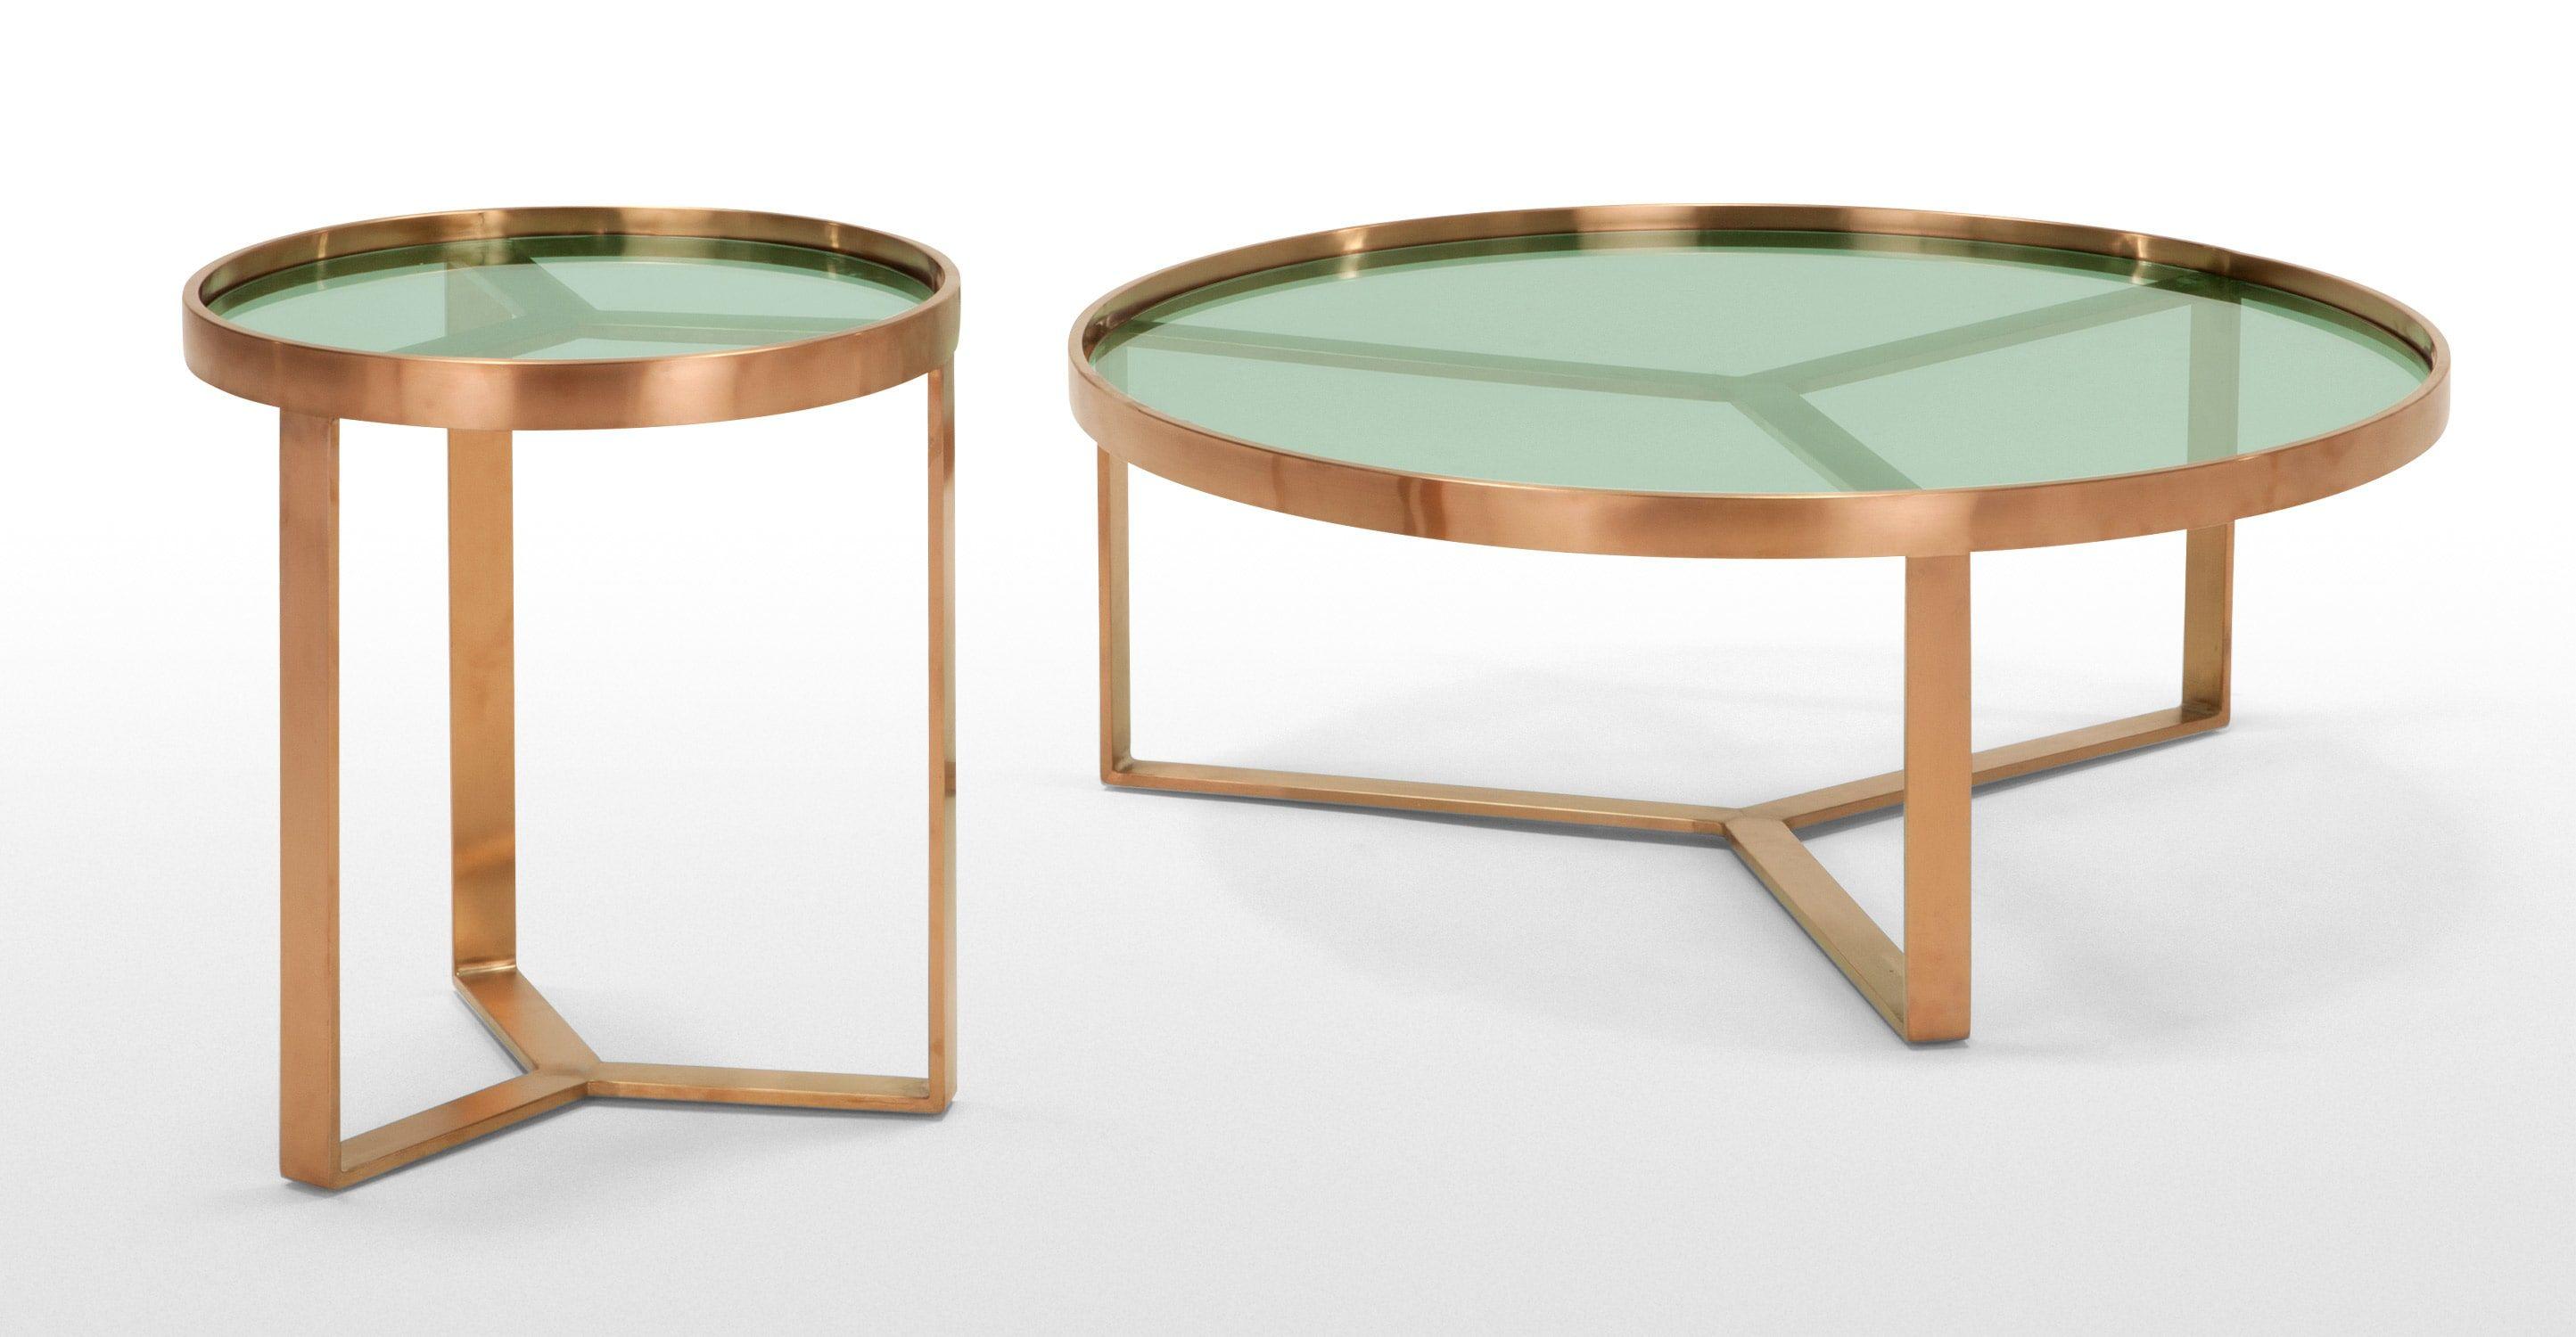 eeb492de8c0d48ad981e982852d97dbe Luxe De Table Basse Palette Verre Concept